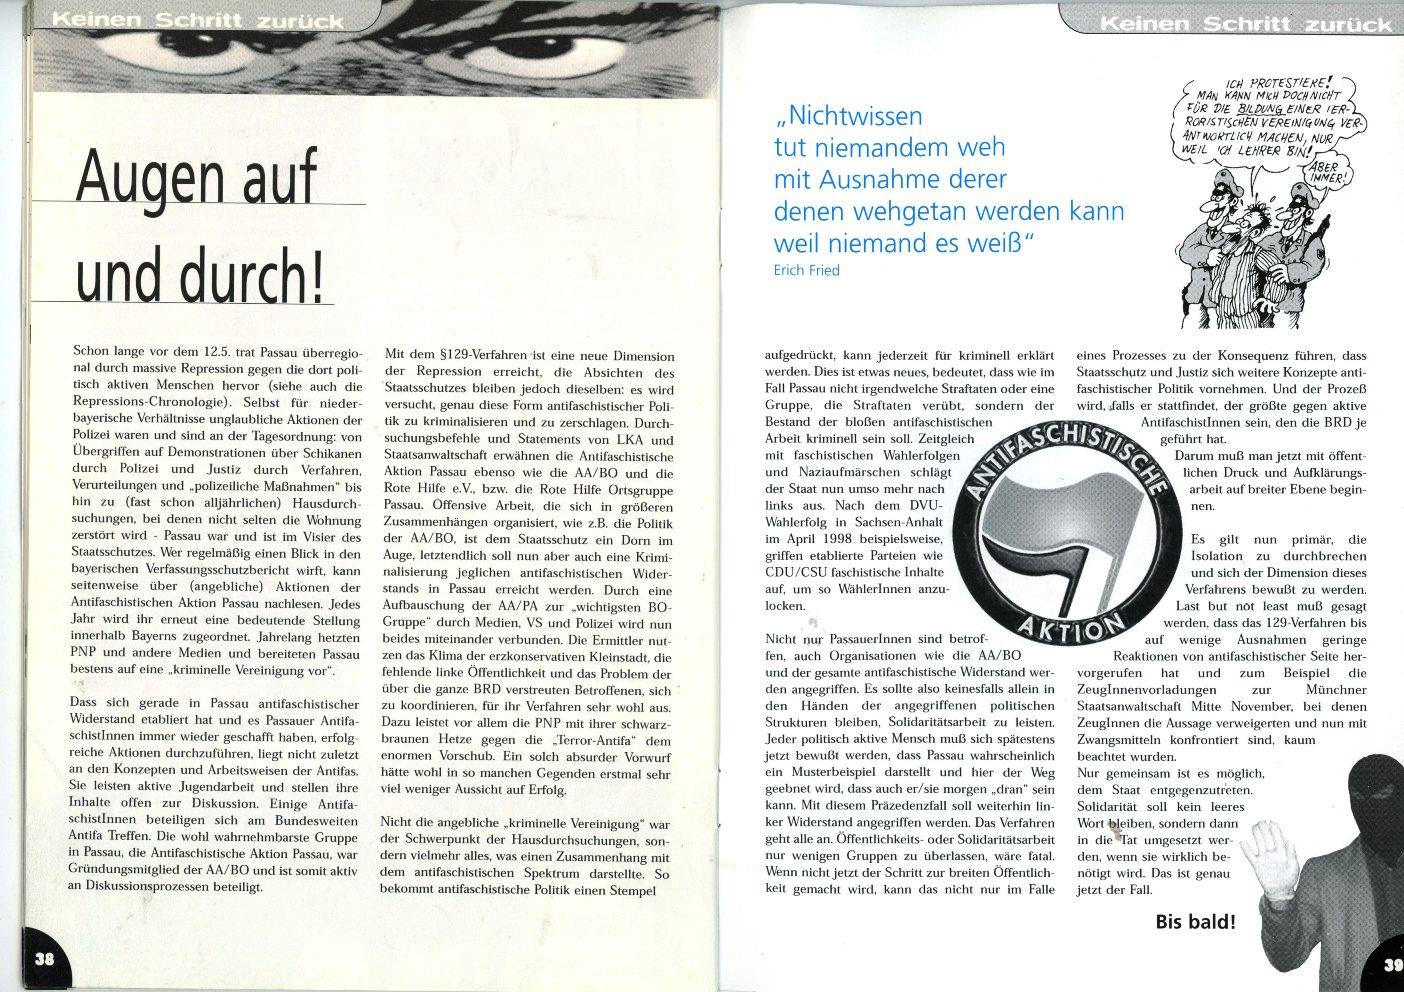 Passau_RH_1998_Keinen_Schritt_zurueck_20